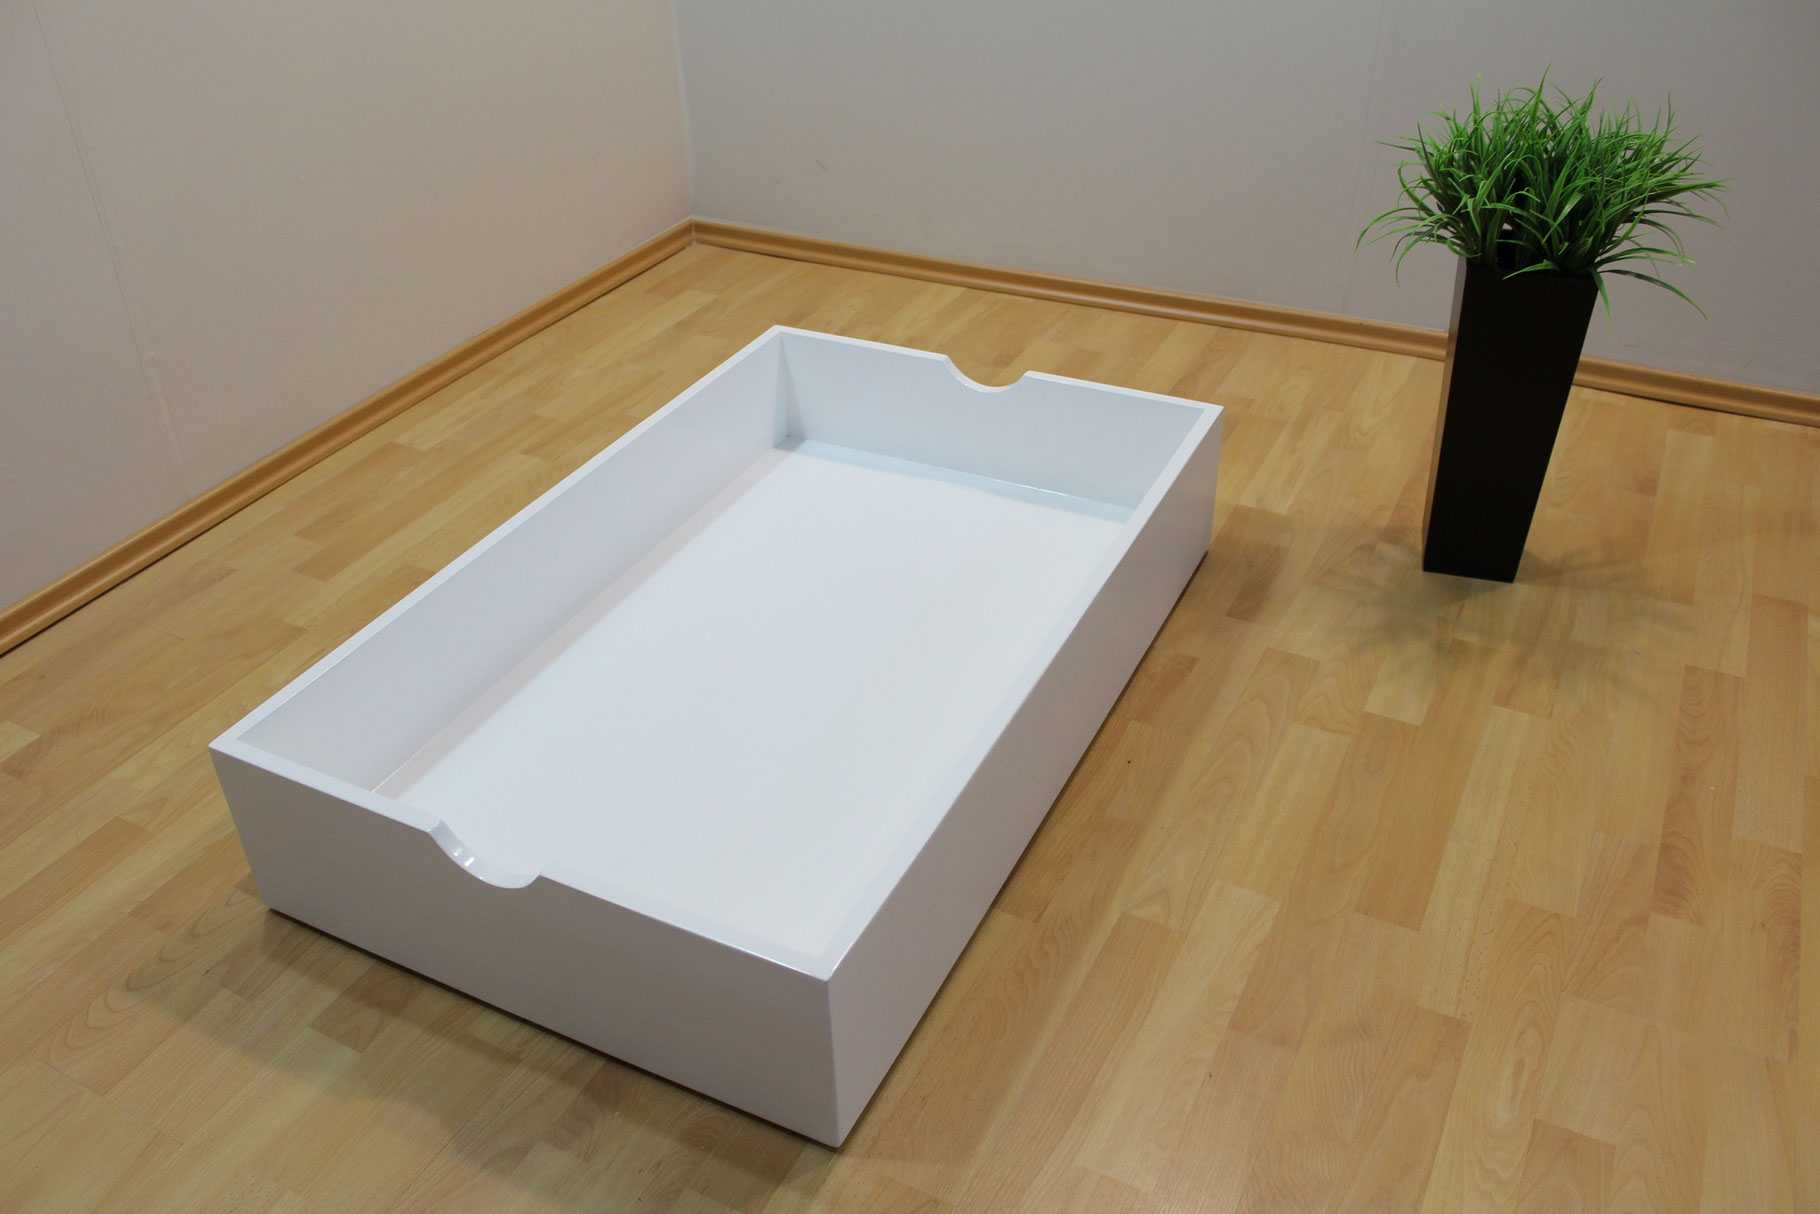 Caj n para bajo cama muebles gm muebles de madera for Base cama individual con cajones